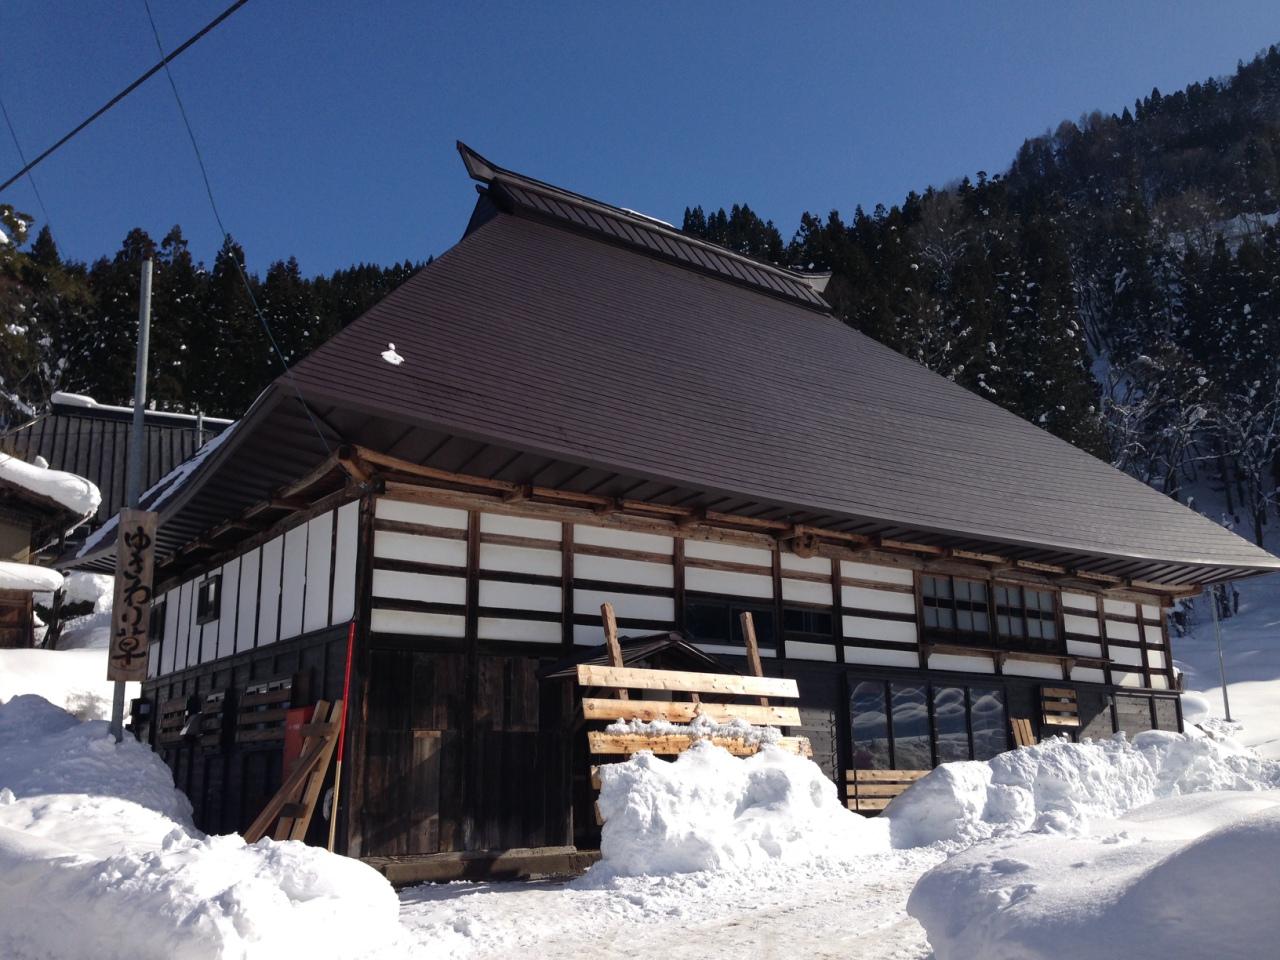 Yukiwariso